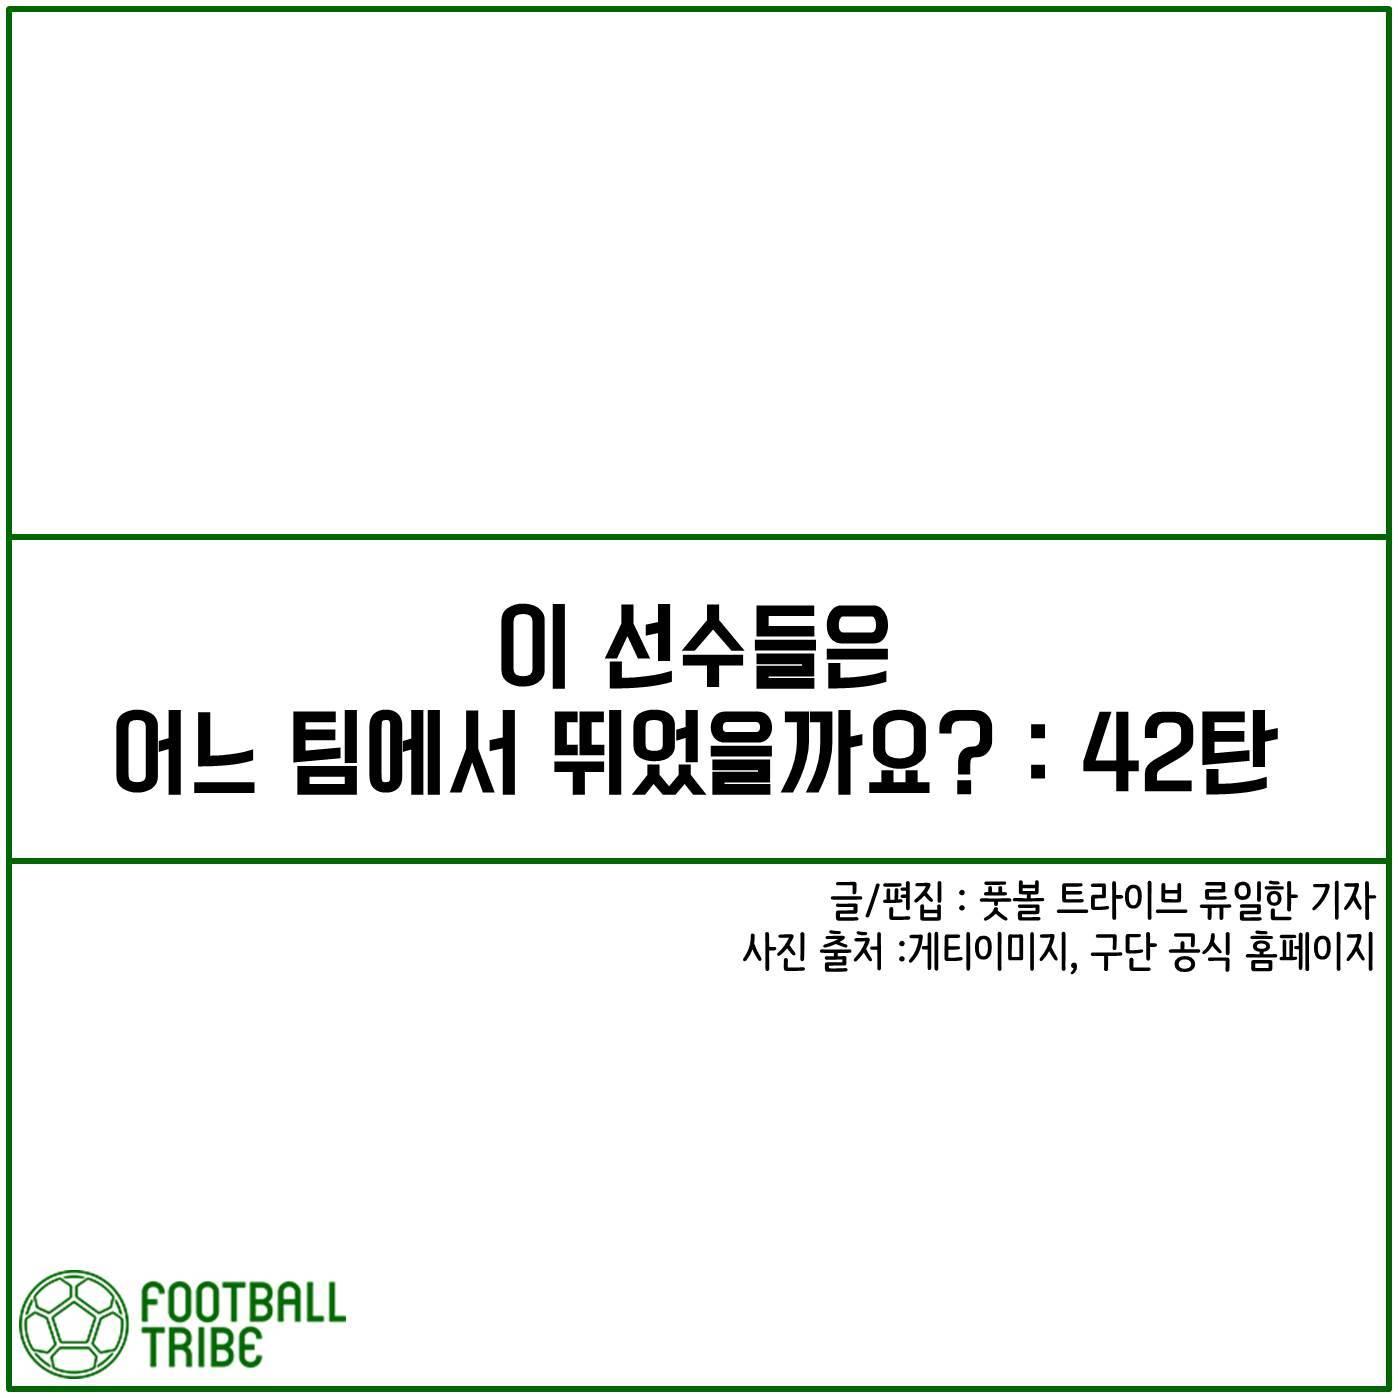 [카드 뉴스] 이 선수들은 어느 팀에서 뛰었을까요?: 42탄